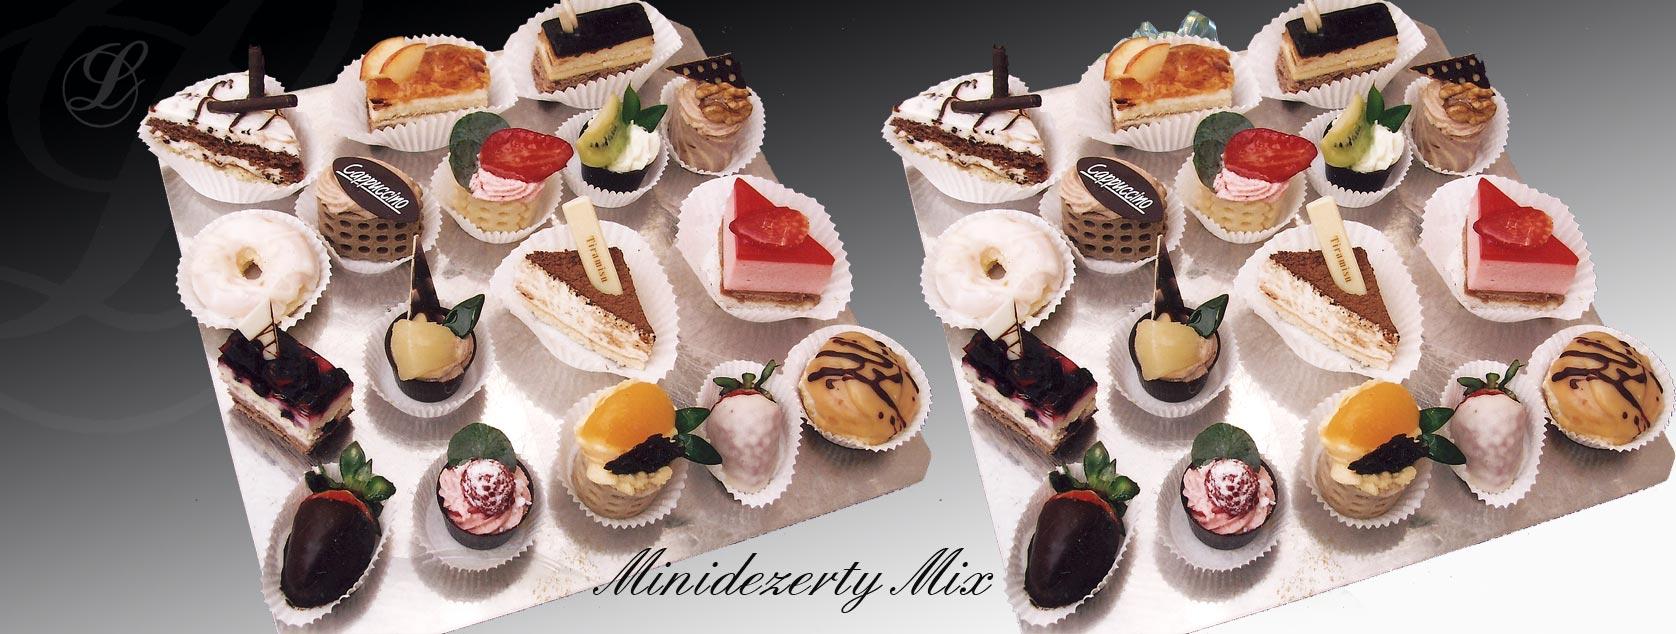 Cukrárna Praha 3, dorty a zákusky na objednávku